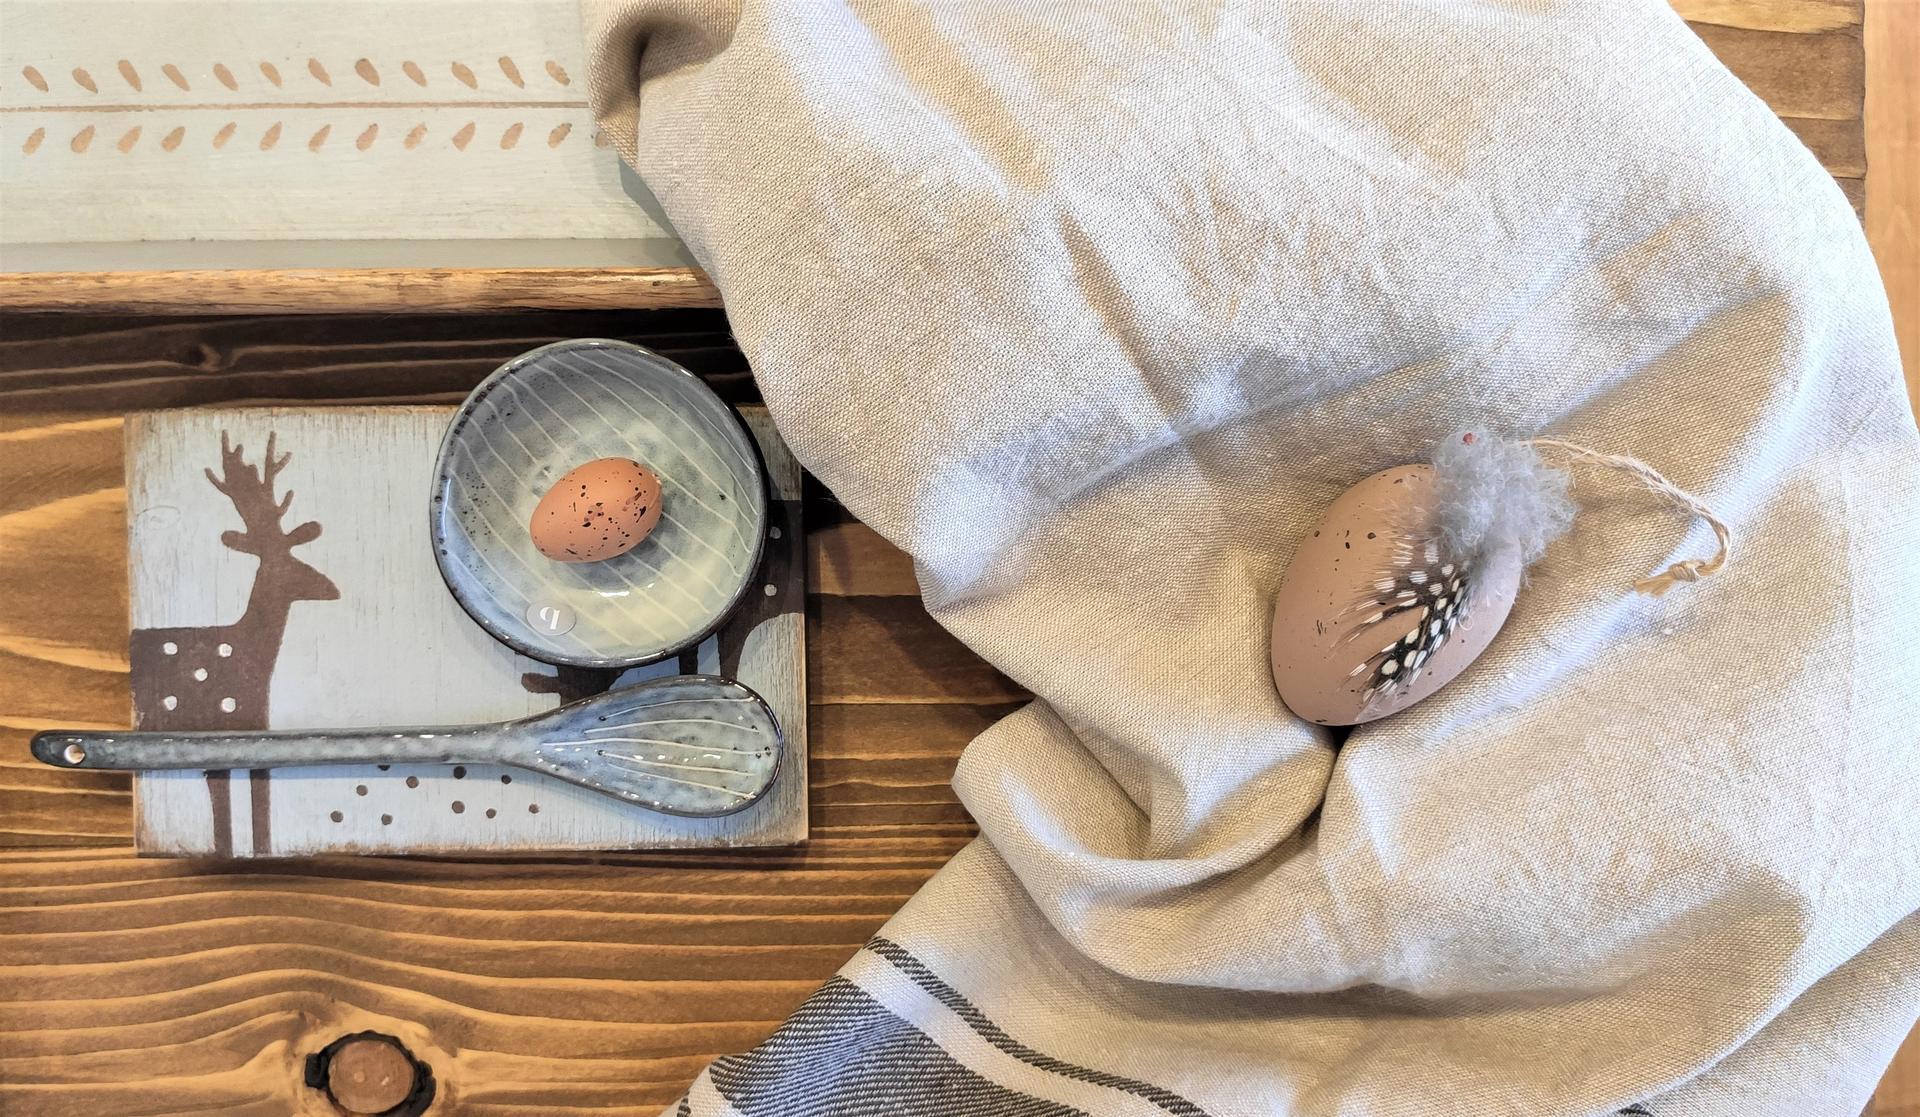 Relaxačný domček sauna a oddychová miestnosť ... plány, príprava a realizácia - Obrázok č. 61